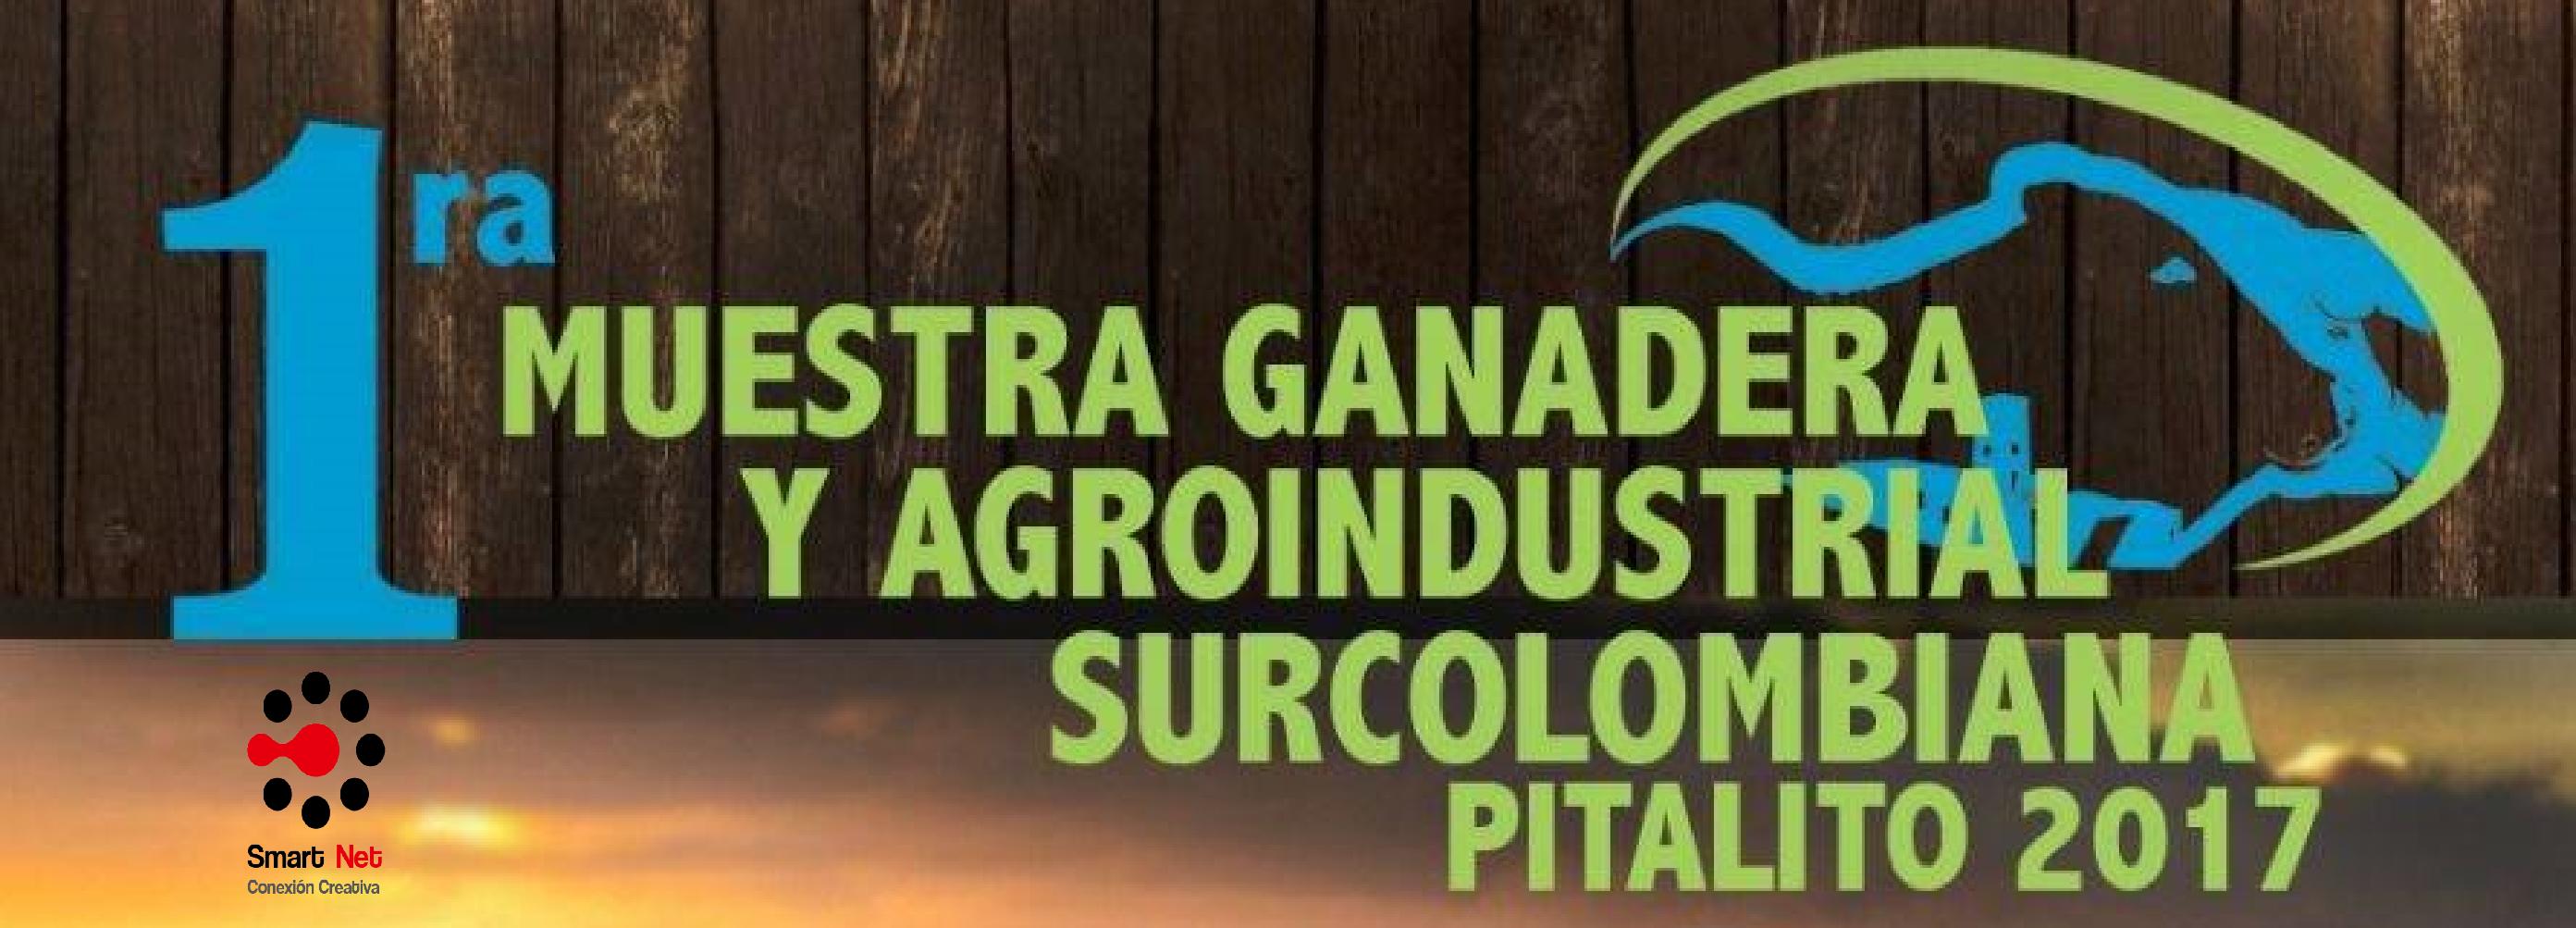 SmartNet en la Primera Muestra Ganadera y Agroindustrial Surcolombiana.